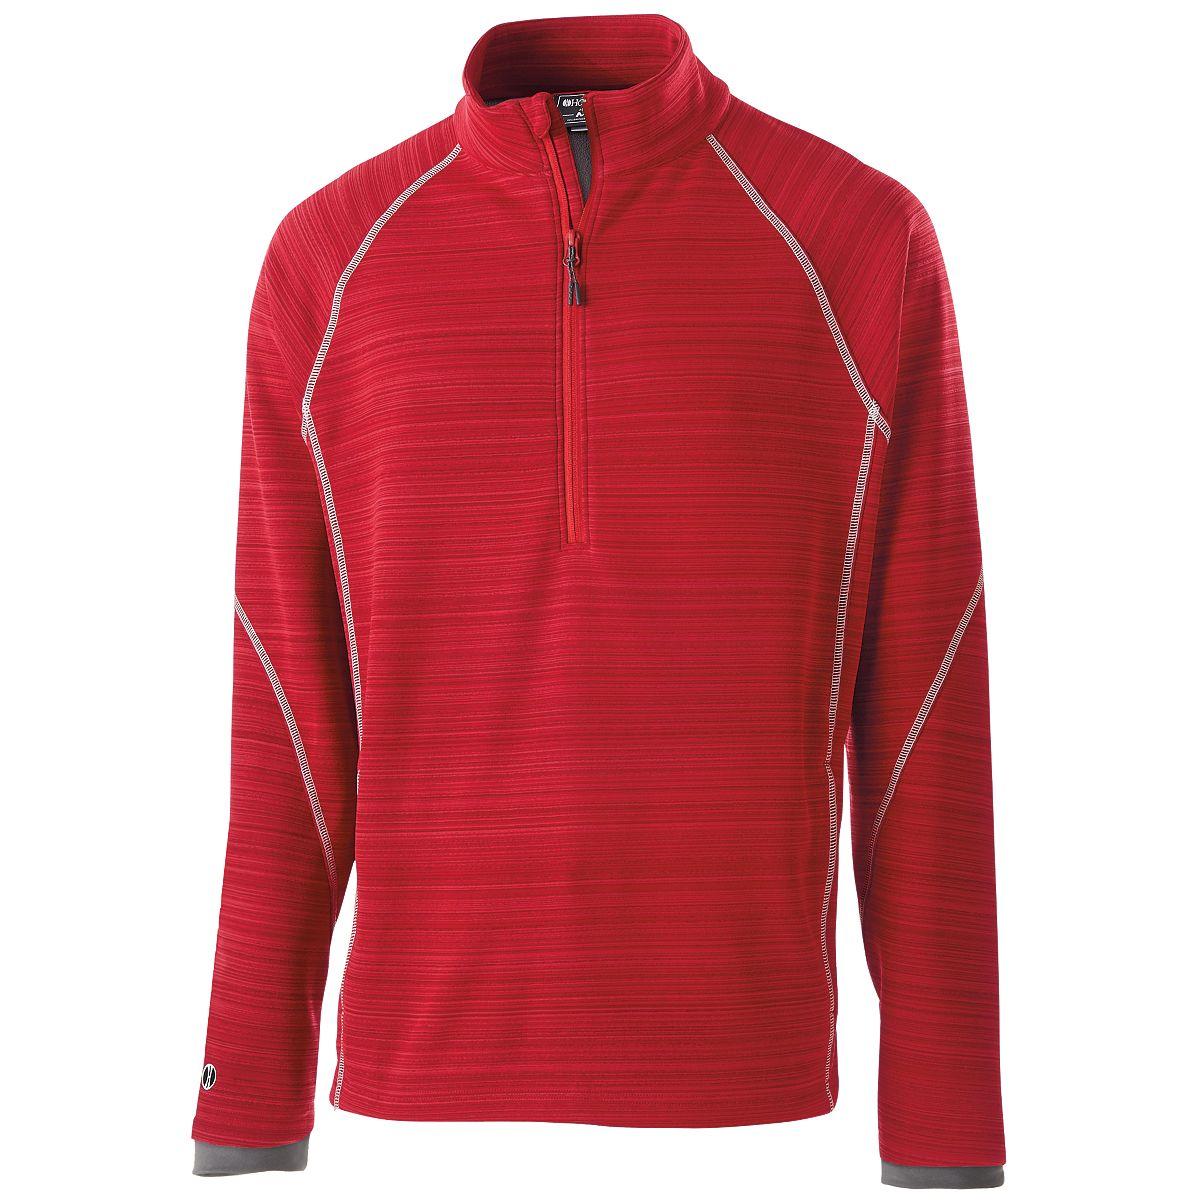 Holloway Deviate Pullover Scarlet Xl - image 1 de 1